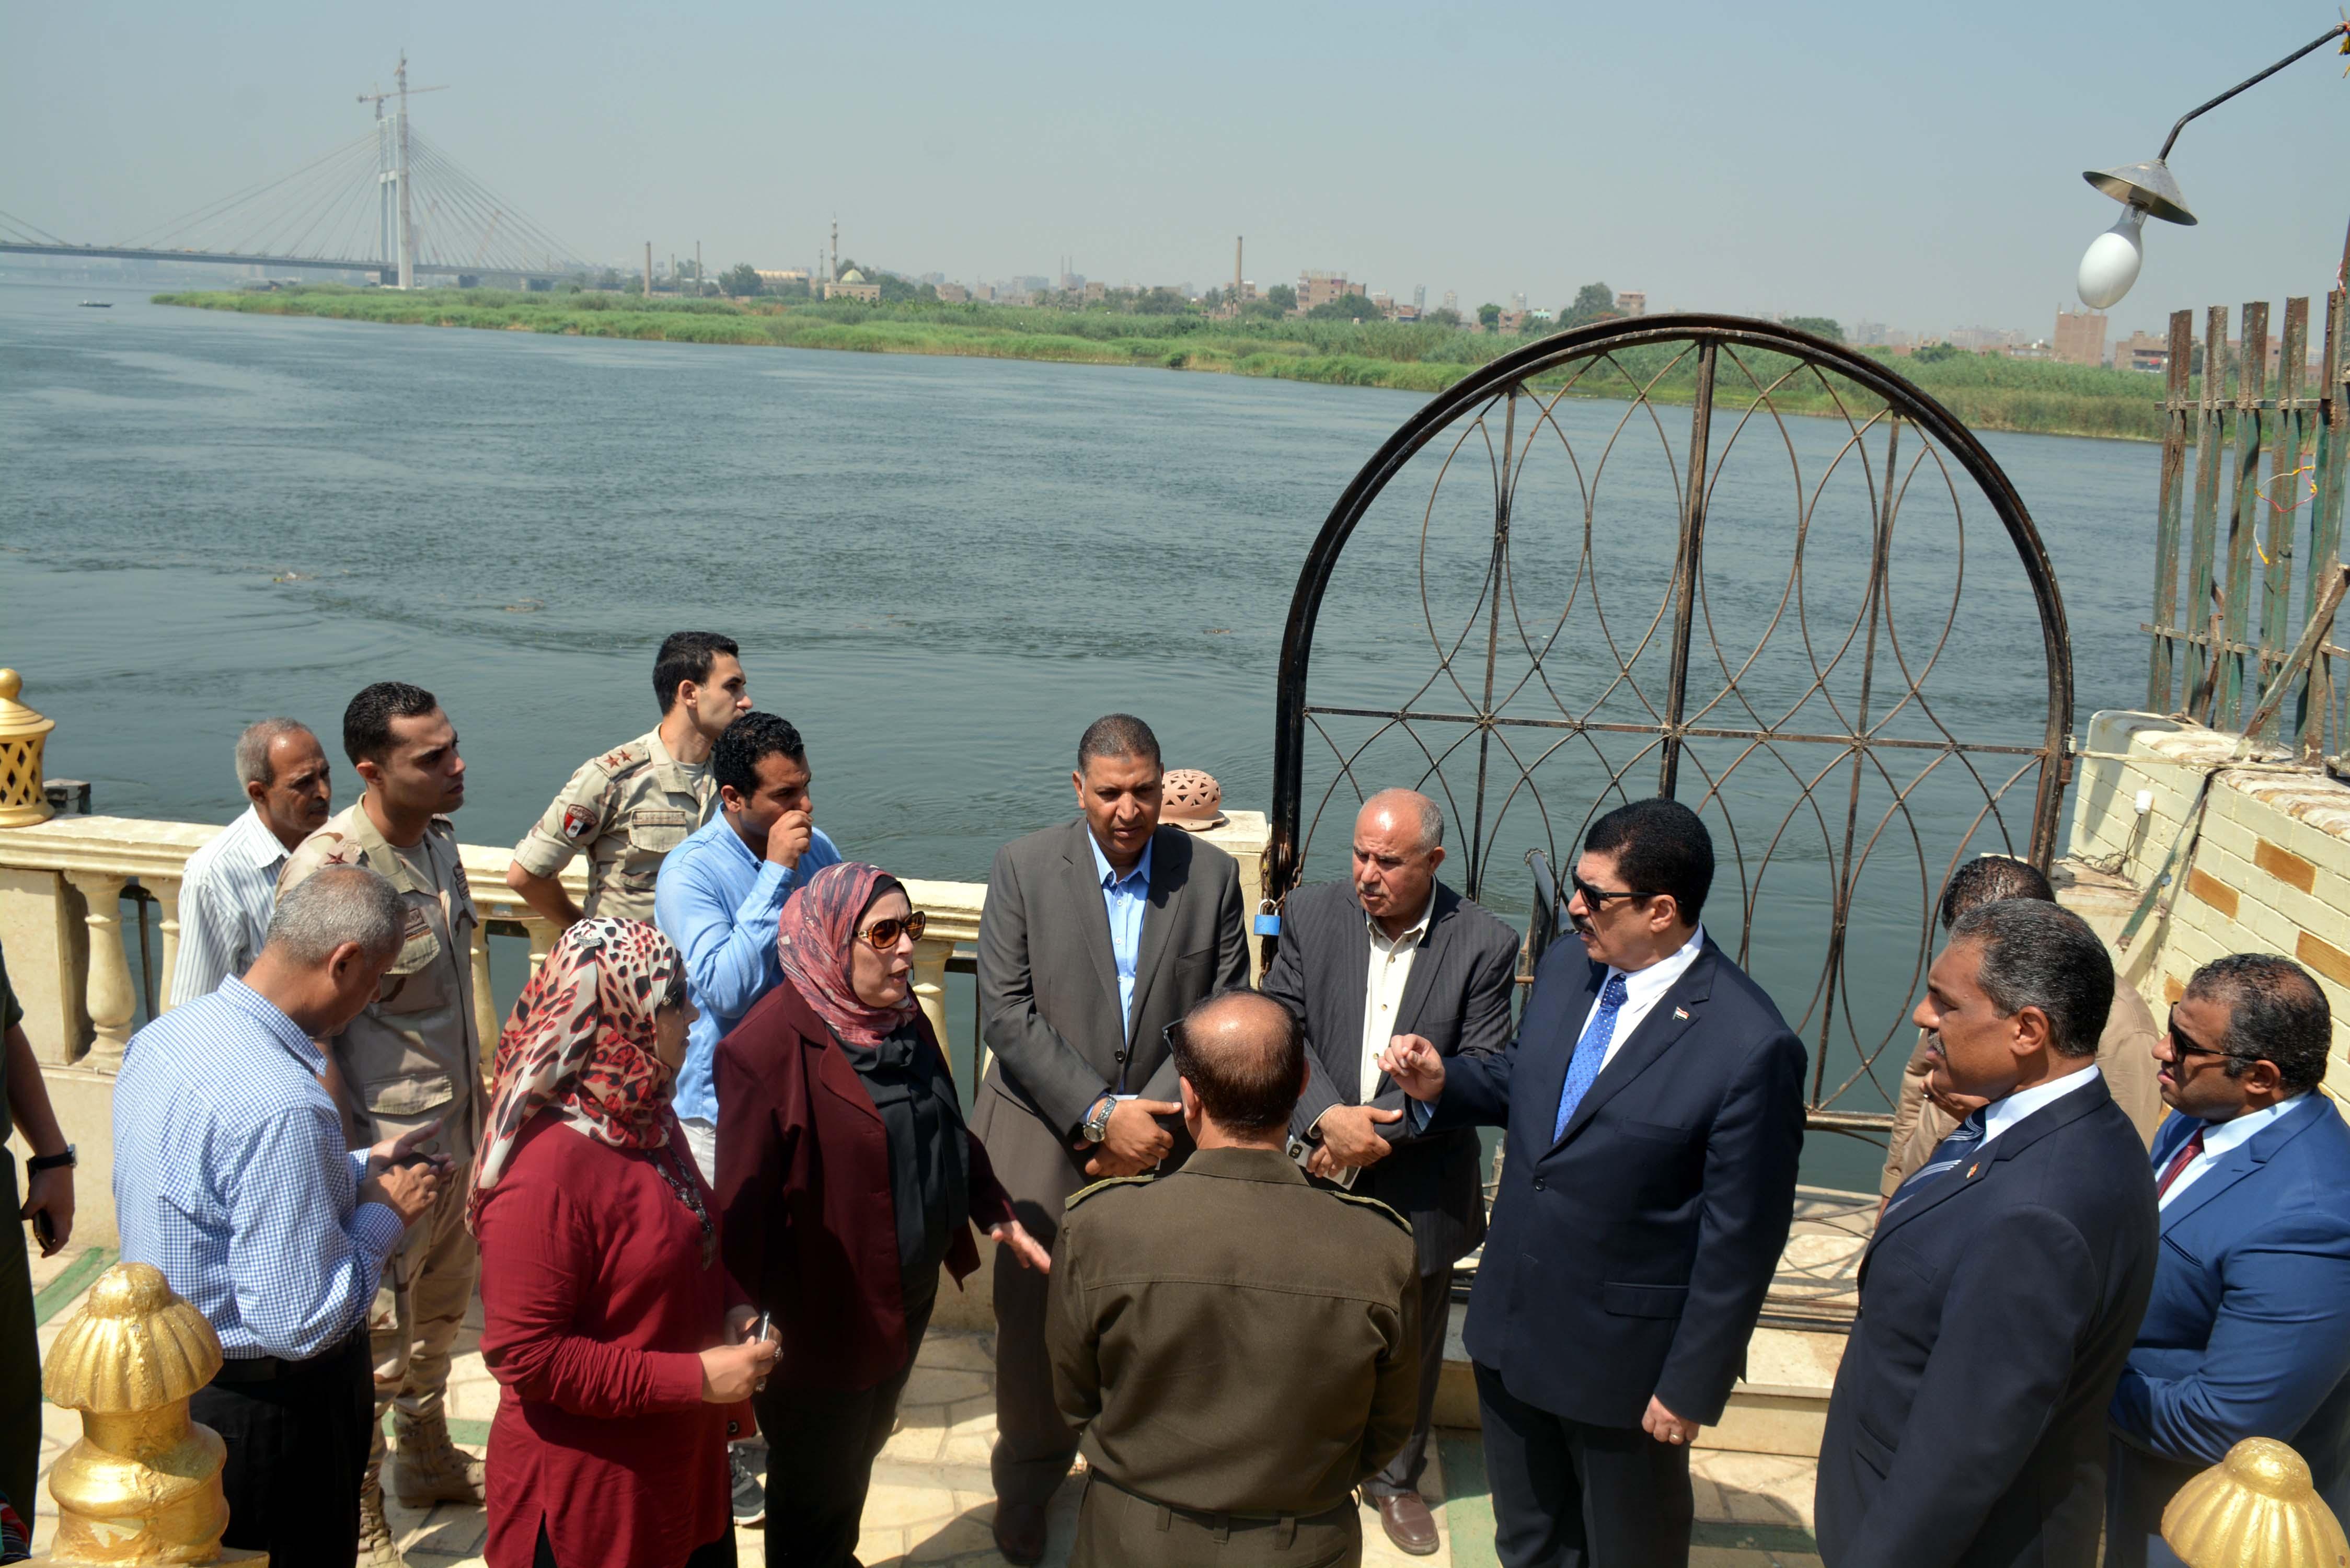 محافظ القليوبية يتفقد أعمال ترميم قصر محمد على بشبرا الخيمة (2)